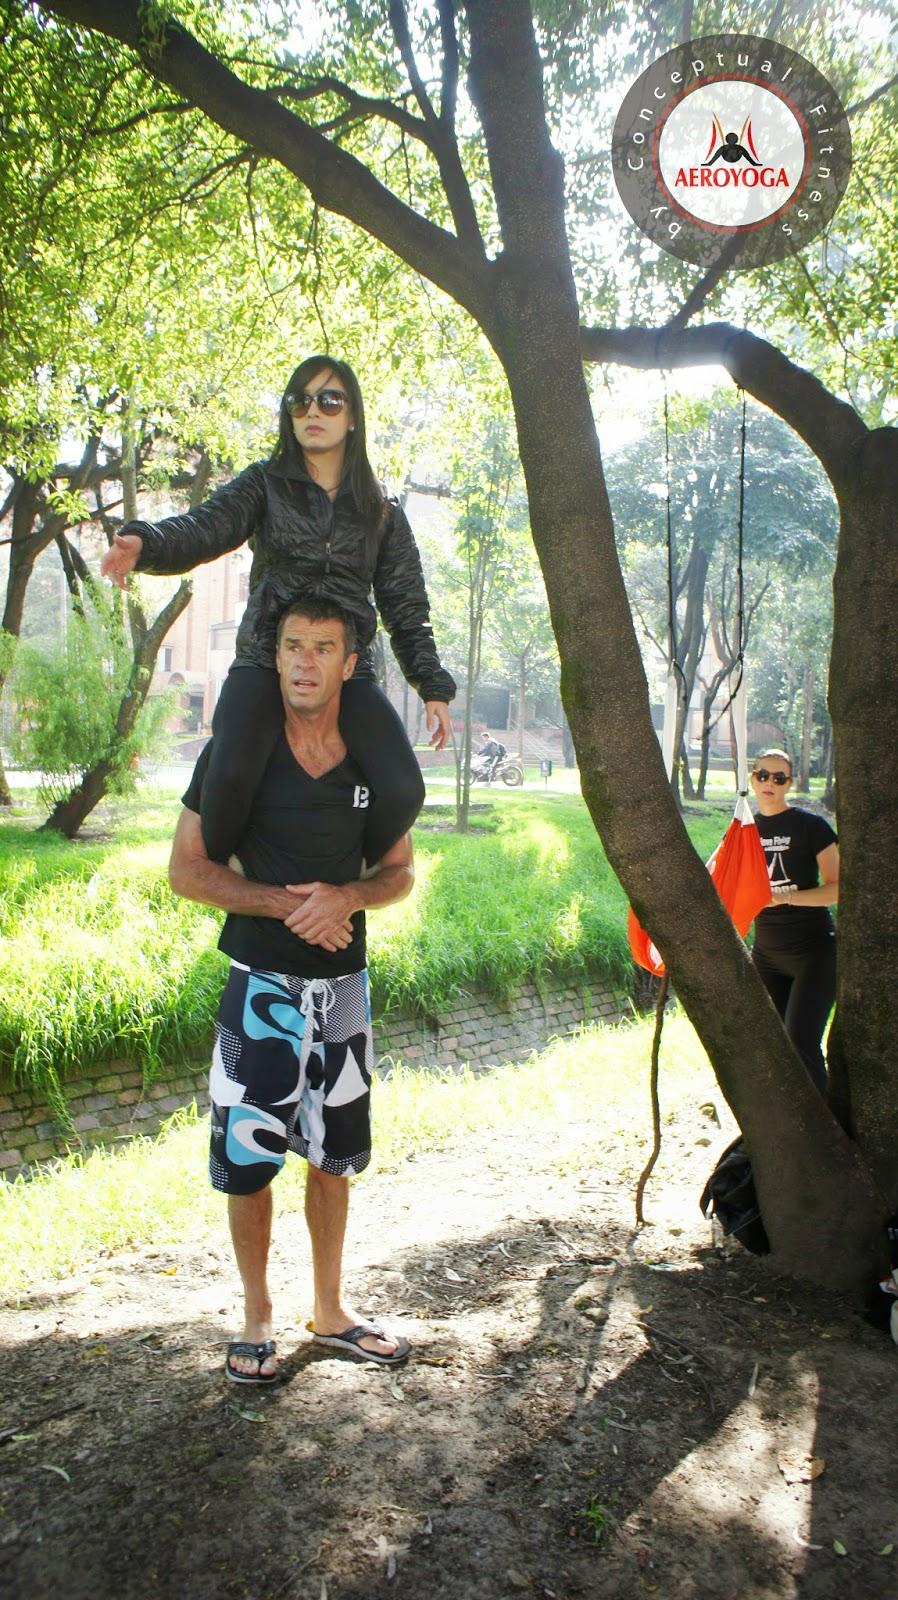 """Foto: GRACIAS Colombia!.En estas fotos:AEROYOGA® NATURA© WORKSHOP Taller realizado con los alumnos de la certificación de AeroYoga® Bogotá MARZO 2014.Emocionados de concluir la SEGUNDA promoción de profesores de Yoga Aéreo© colombiana by AeroYoga®. Una nueva aventura de AeroYoga®, en colaboración con la revolución del fitness en Colombia: """"Be 1 Goal for 3 Months"""" en este maravilloso pais americano que nos ha recibido con los brazos abiertos.CONTACT: aeroyoga@aeroyoga.infowww.aeroyoga.co Hot line y teléfono gratis por Whatsapp: marca desde Colombia y toda Latinoamérica +34 680905699Lugar:Be 1 Goal For 3 Months CR 19 NO 125-34Bogotá, Colombia www.be1x3.comMIRA EL ALBUM COMPLETO AQUIhttps://www.facebook.com/media/set/?set=a.678969102121656.1073741848.121538201198085&type=3Información General-PRIMER METODO AEREO ORIGINAL REGISTRADO INTERNACIONALMENTE EN EUROPA, ESPAÑA Y LATIONAMERICA.-""""PRIMER CENTRO DE FORMACION DE PROFSORES DE YOGA AEREO DE EUROPA""""-""""PRIMER METODO QUE INCLUYE TRES METODOS REGISTRADOS ORIGINALES ENTRE OTROS: EL YOGA AEREO© EL PILATES AEREO© Y EL FITNESS AEREO©-PRIMER METOO AEREO INTERNACIONAL REGISTRADO QUE INCLUYE TRES NIVELES DE INTENSIDAD, DESDE EL YOGA AEREO RESTAURATIVO© AL YOGA AEREO ACROBATICO©3 marcas originales en el mismo curso, 3 modalidades para todos los gustos, desde la holística a la aeróbica, pasando por la técnica y la acrobática.en la foto Paola Garcia Cornejo#aero #aereo #aerialyoga #yogaaereo #aeroyoga #yogaswing#bienestar #wellness #pilates #pilatesaereo #teacherstraining #colombia #certificacion #mexico #españa #fitness #gym #deporte #arte #art #danza #dance #pole #air #aire #columpio #aerien #balançoire #swing #acrobatic #acroyoga #acrobatico"""